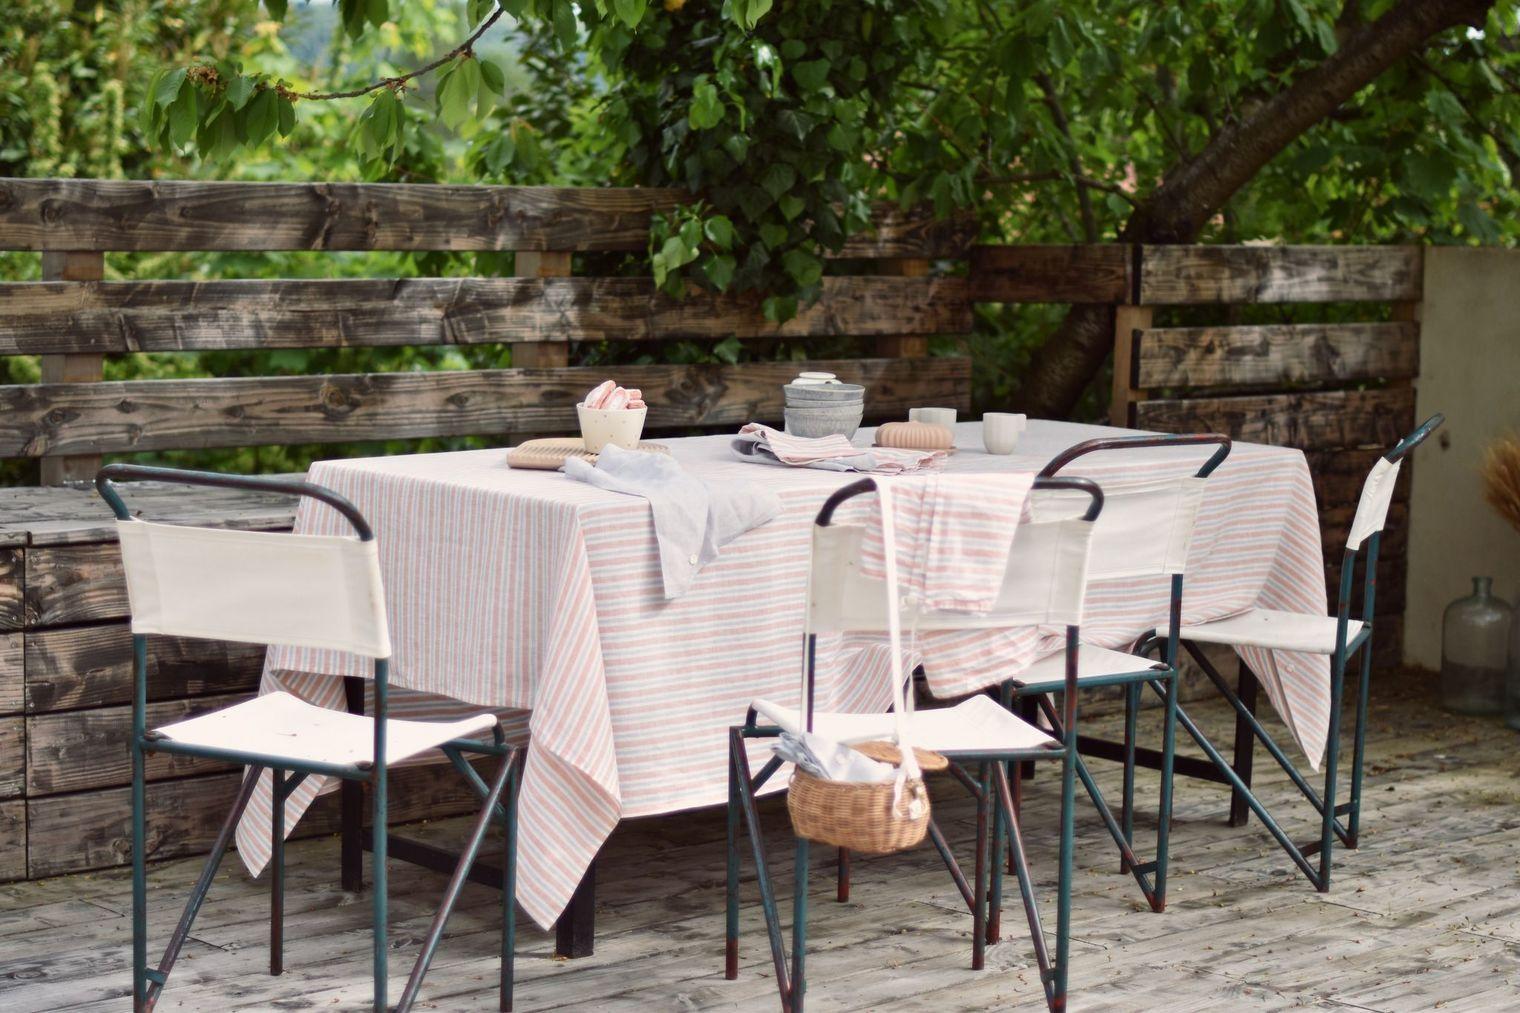 Idee Amenagement Deco Jardin Tout Pour Une Belle Terrasse Deco Jardin Terrasse Deco